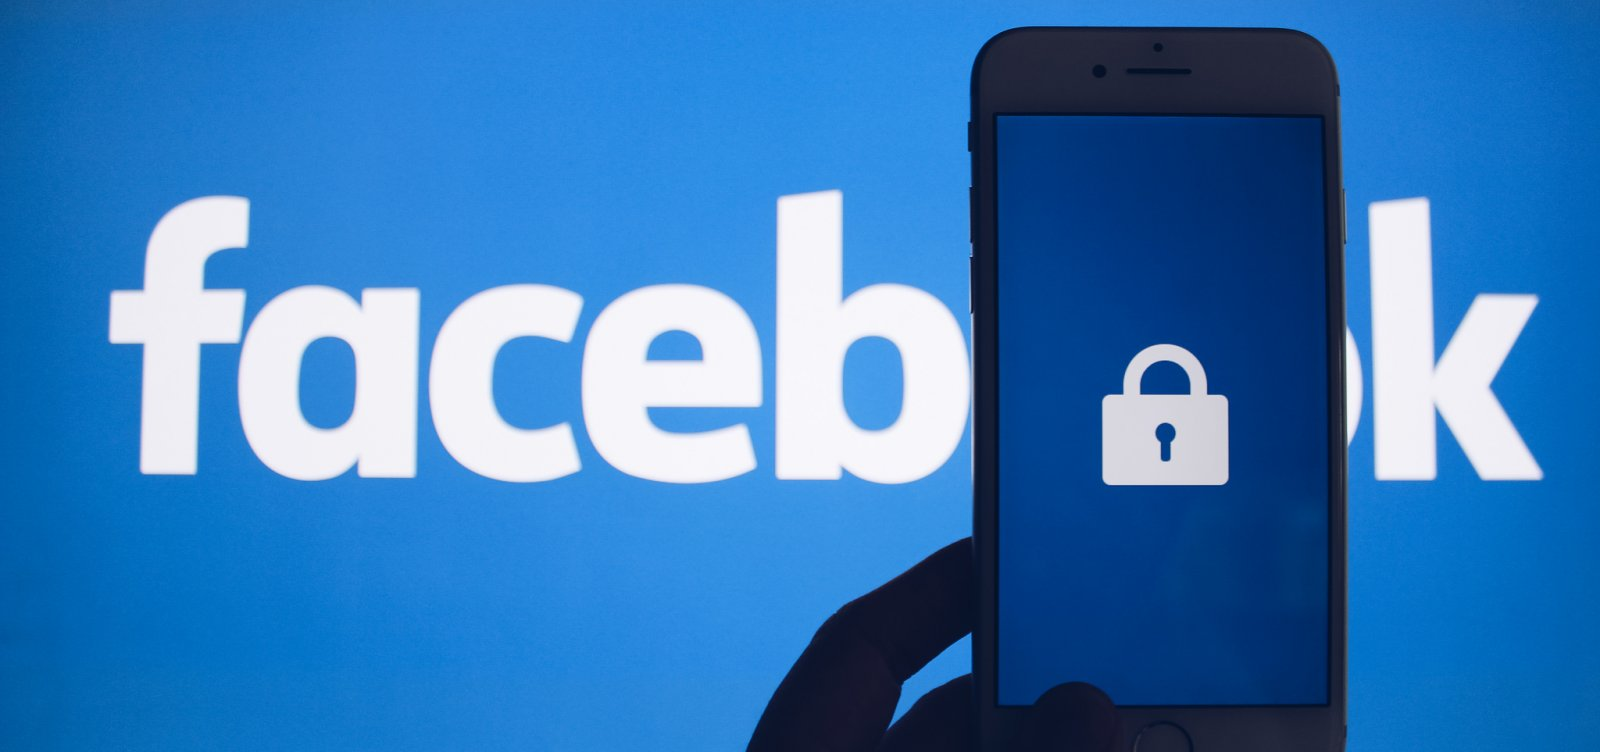 Facebook diz ter descoberto falha na segurança que afeta 50 milhões de perfis